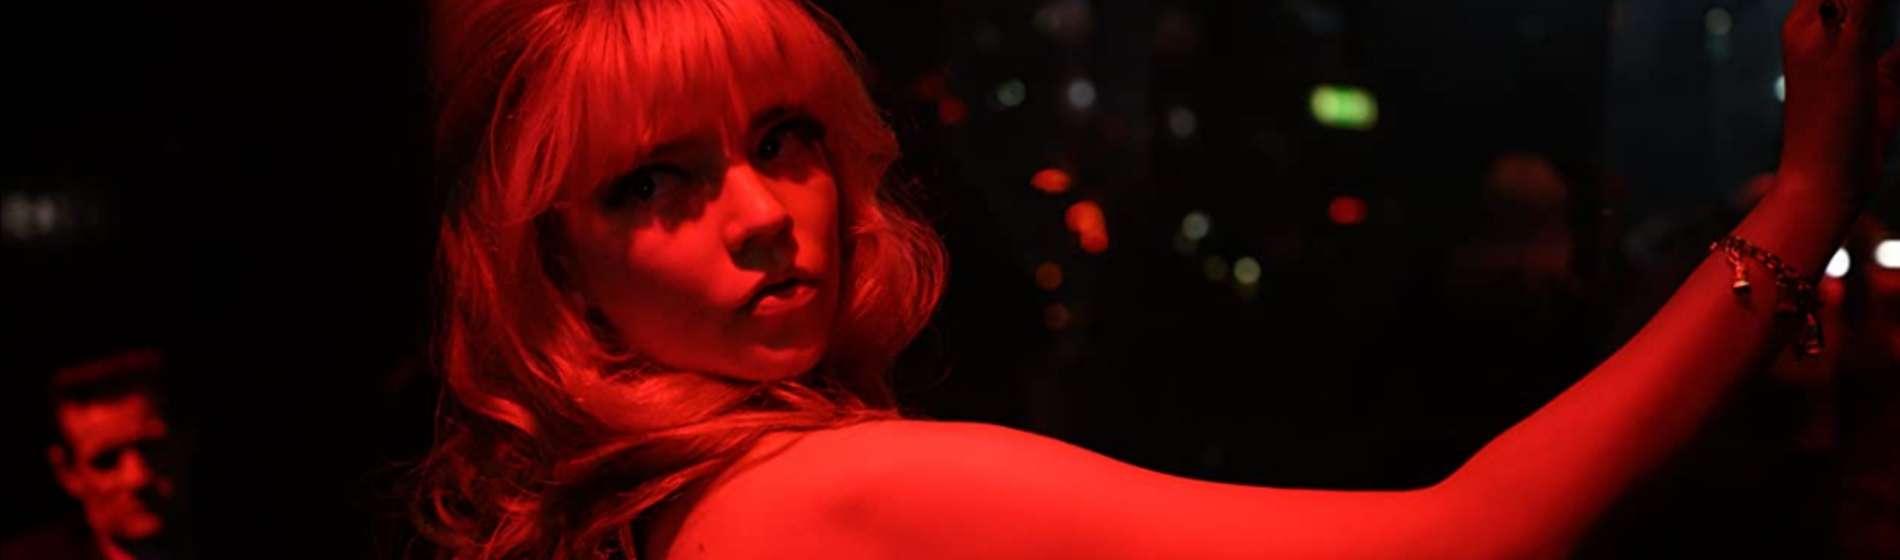 last-night-in-soho-feature-image-anya-taylor-joy